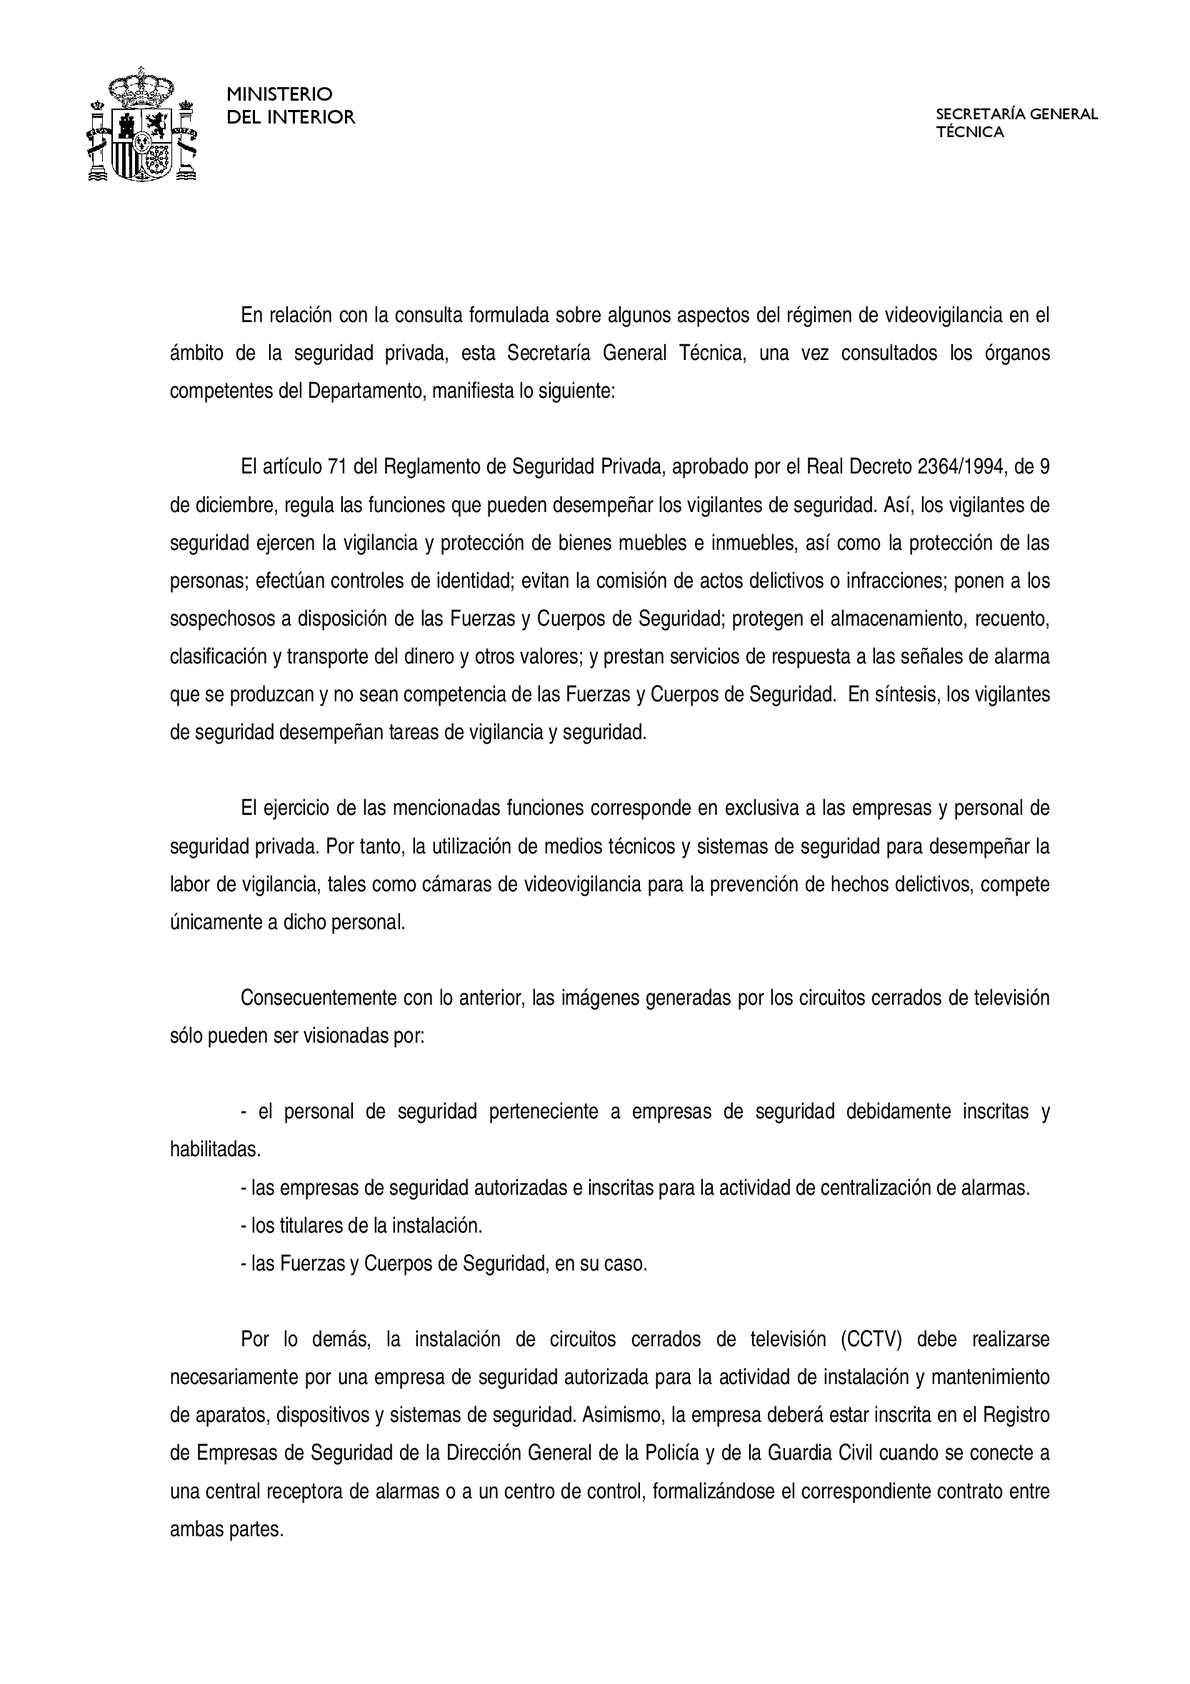 Calaméo - informe de la secretaria tecnica sobre la colocacion de ...